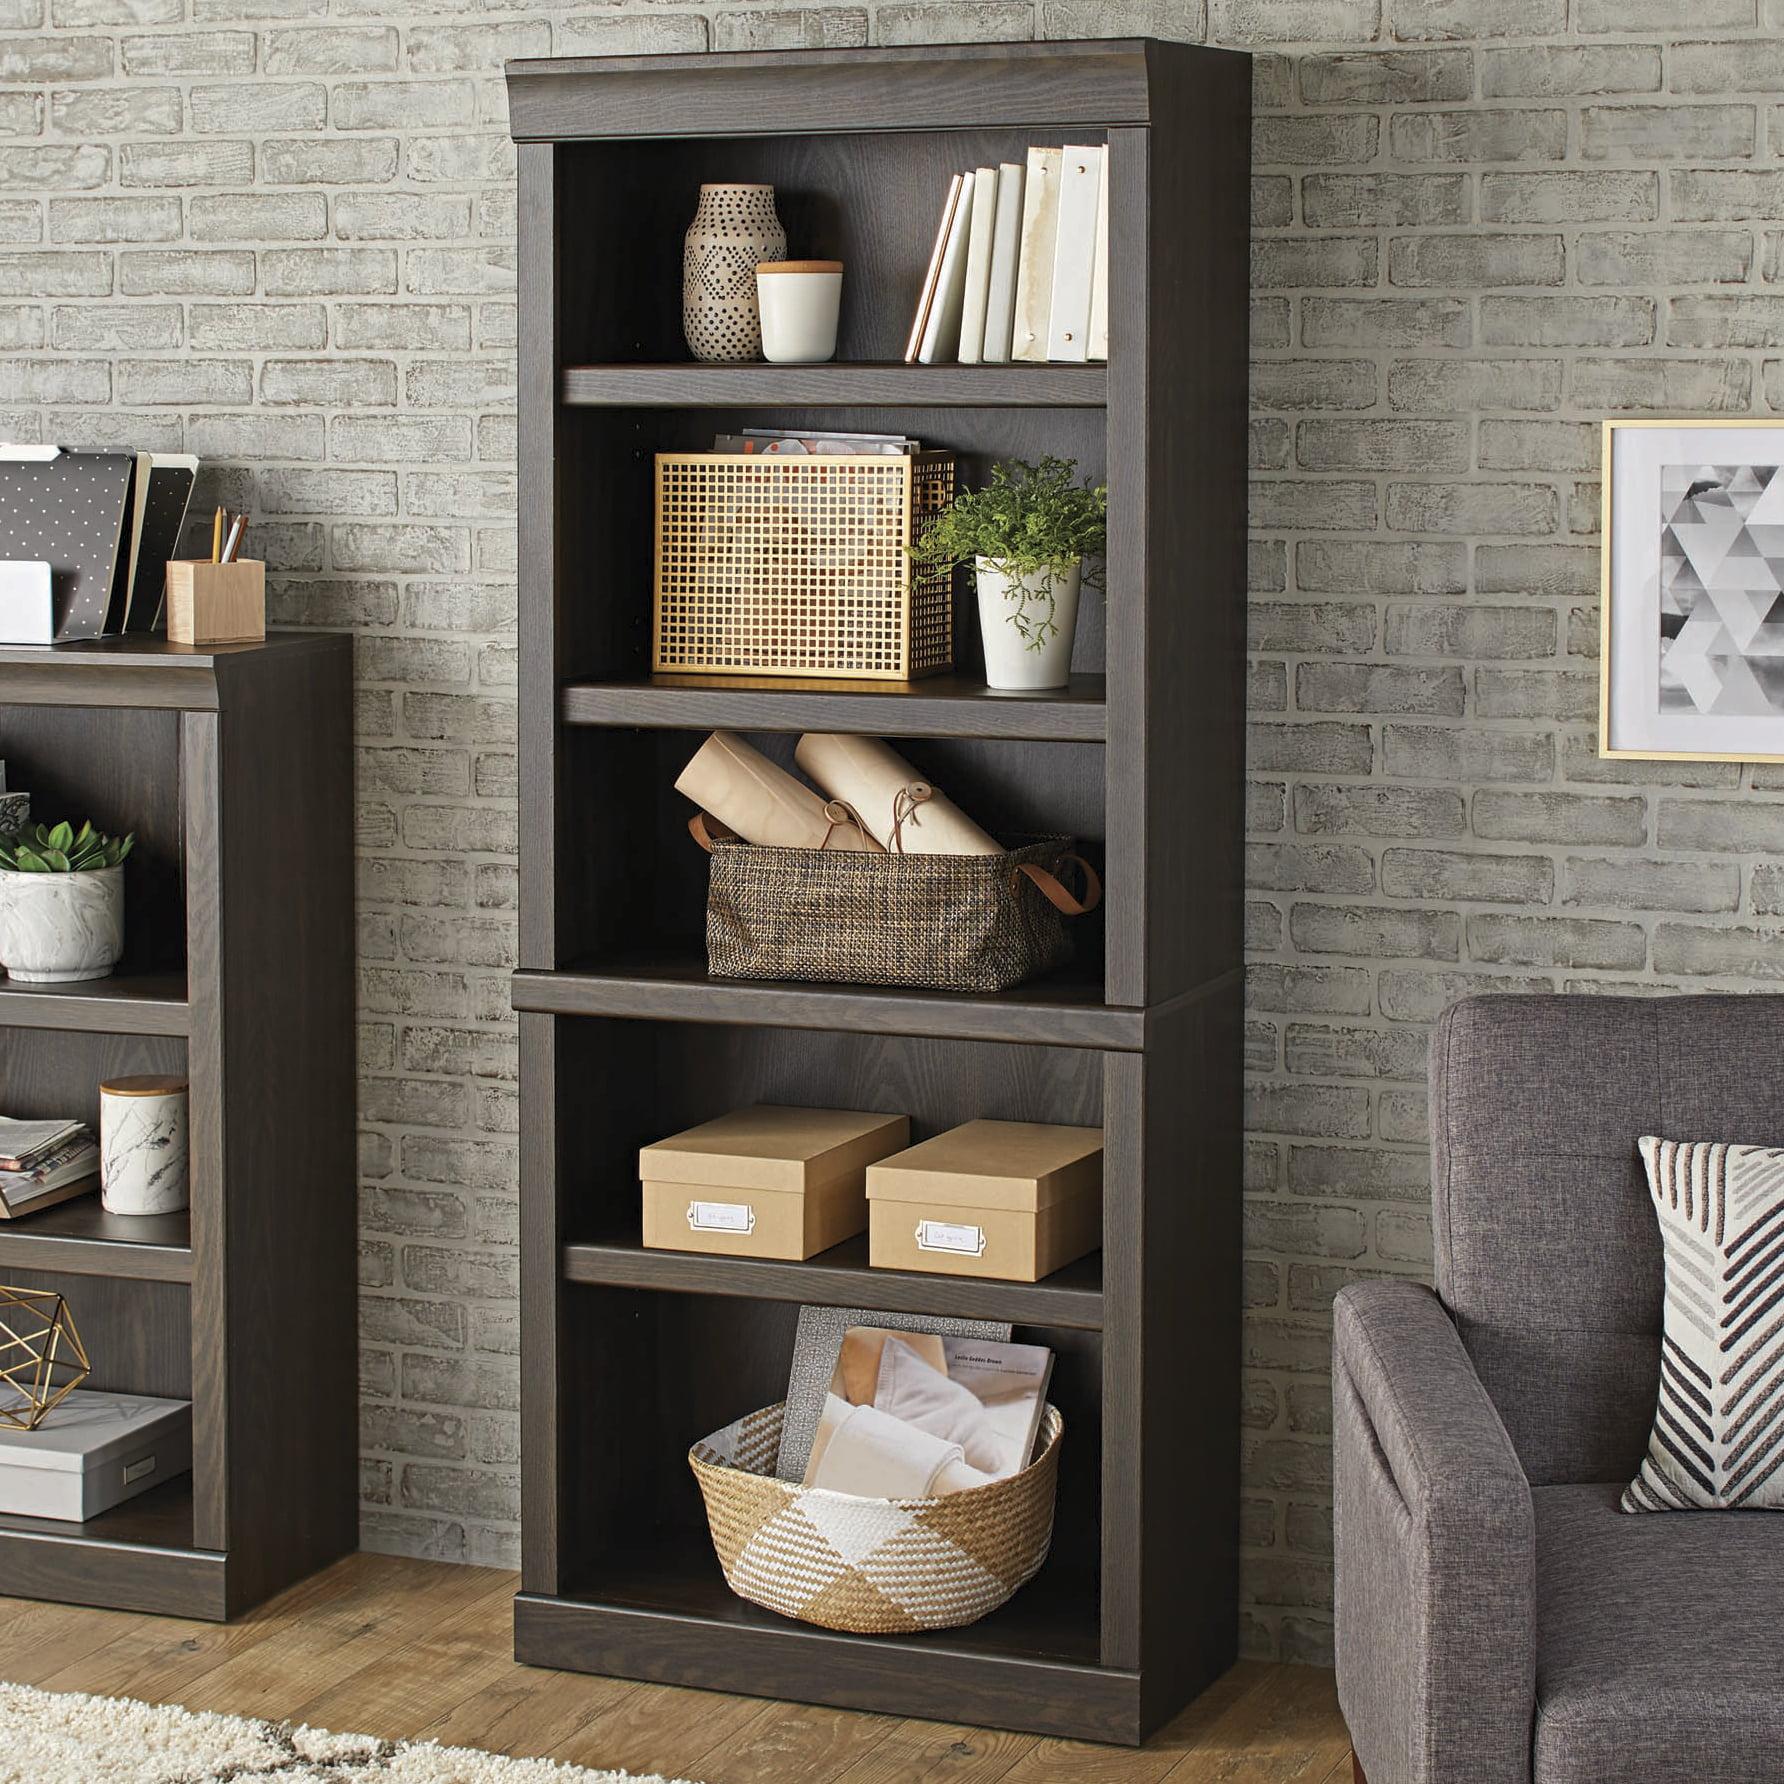 Better Homes & Gardens Glendale 5 Shelf Bookcase, Dark Oak Finish